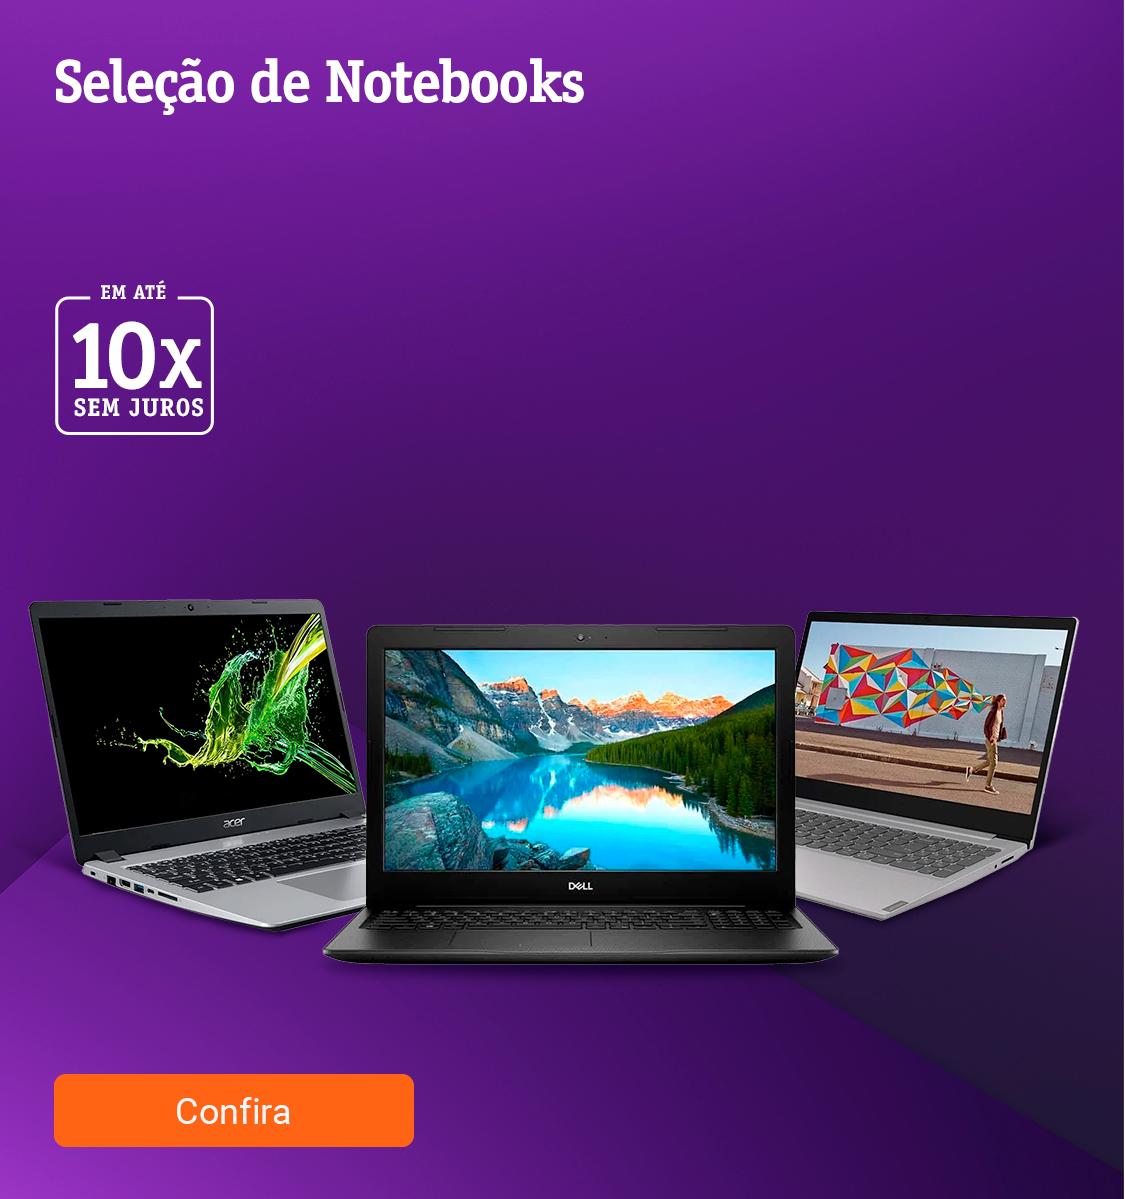 Seleção de Notebooks em até 10x